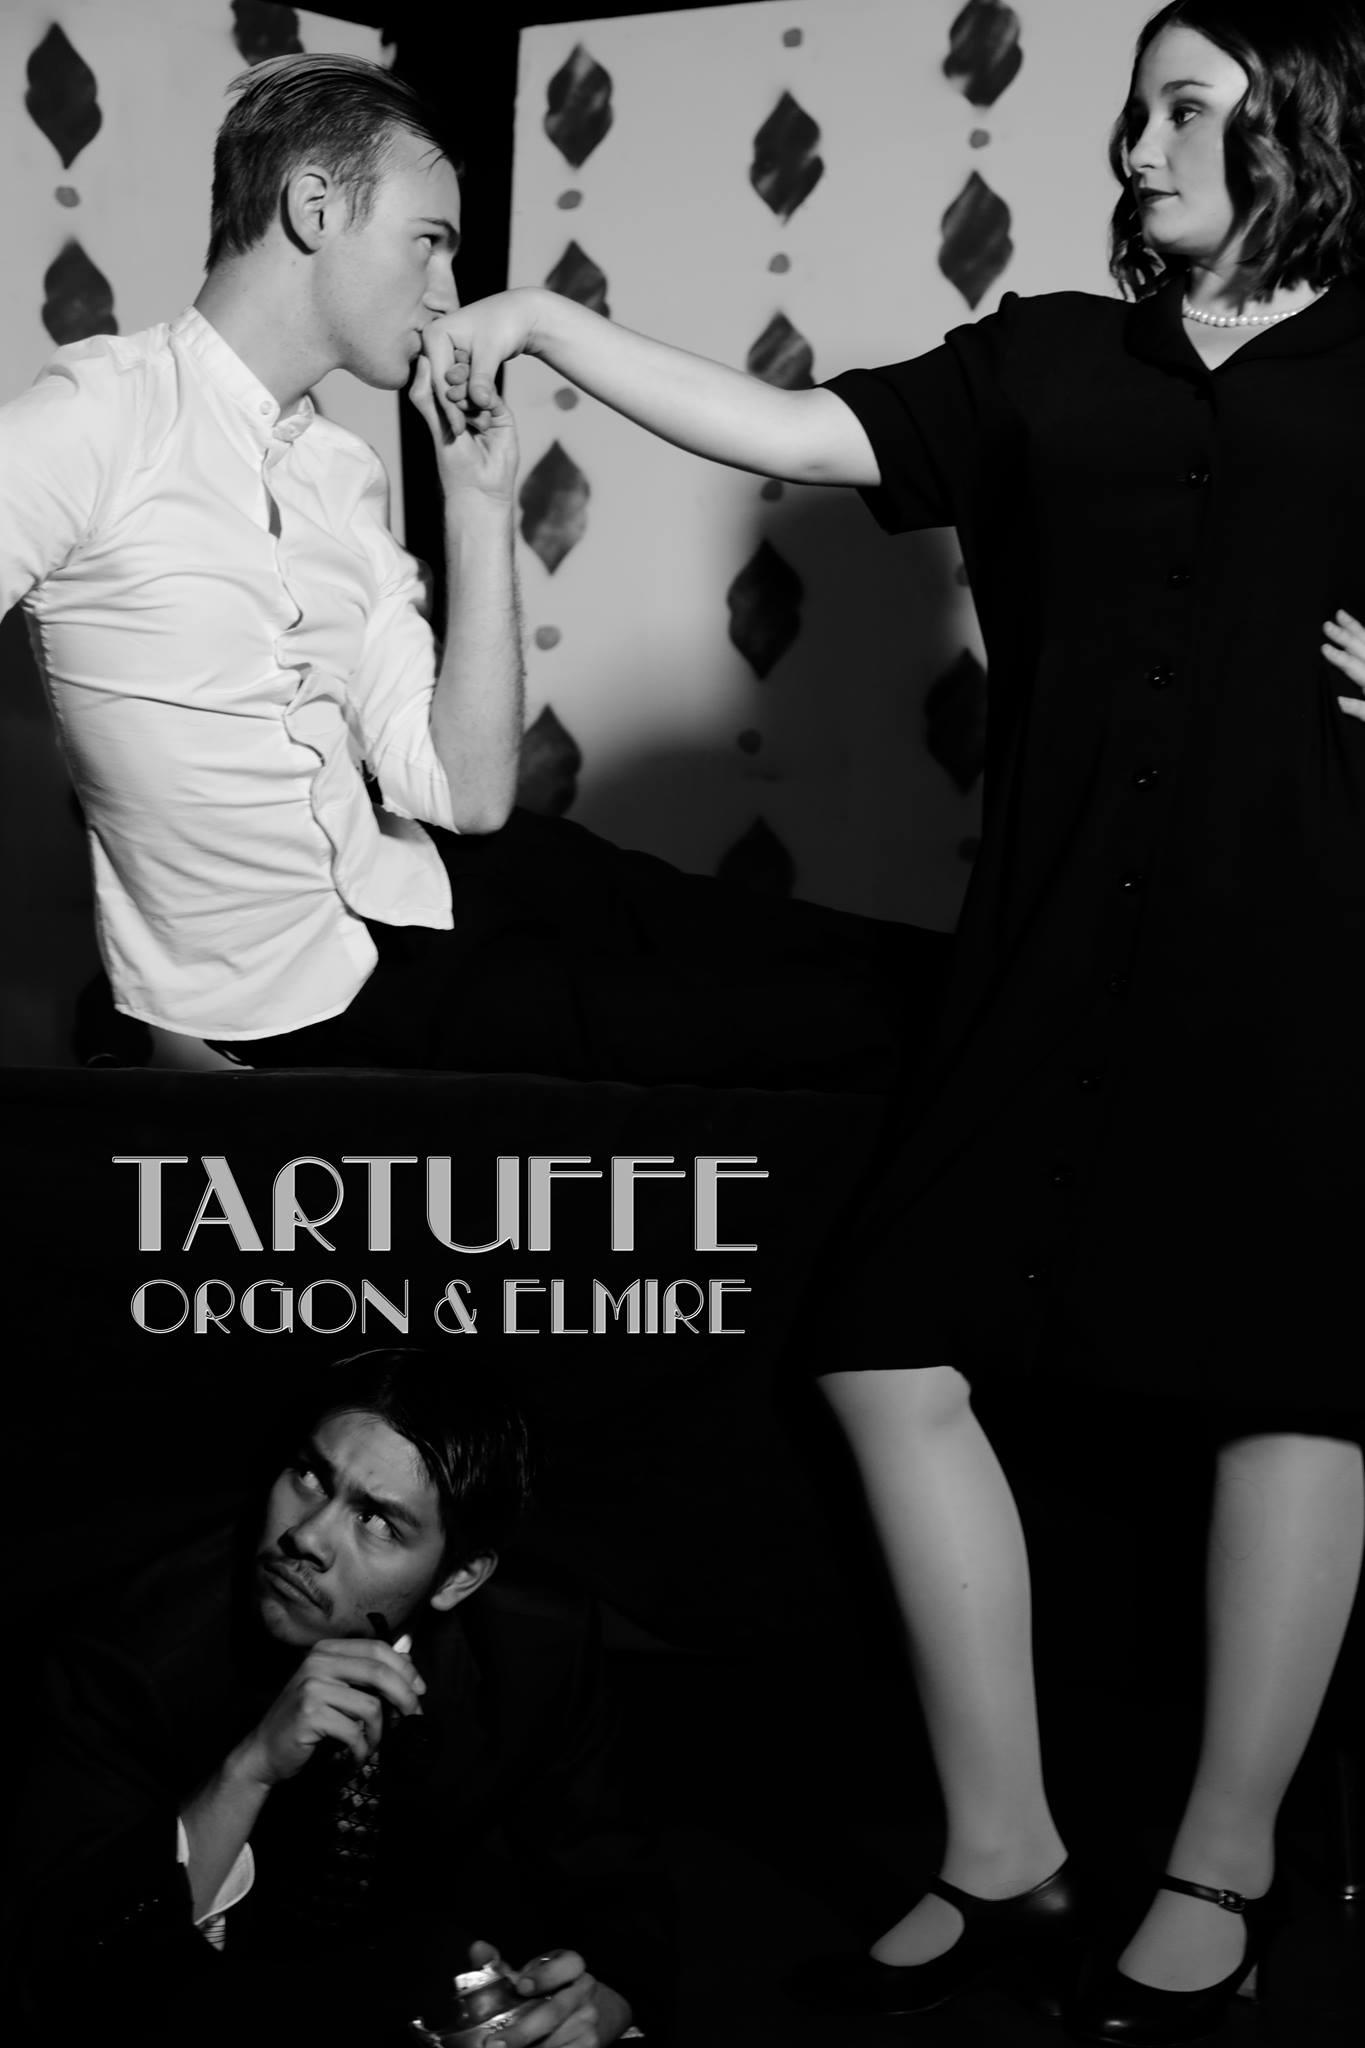 Frederick Zennor as Tartuffe, Roger Cordova as Orgon, Elena Browne as Elmire